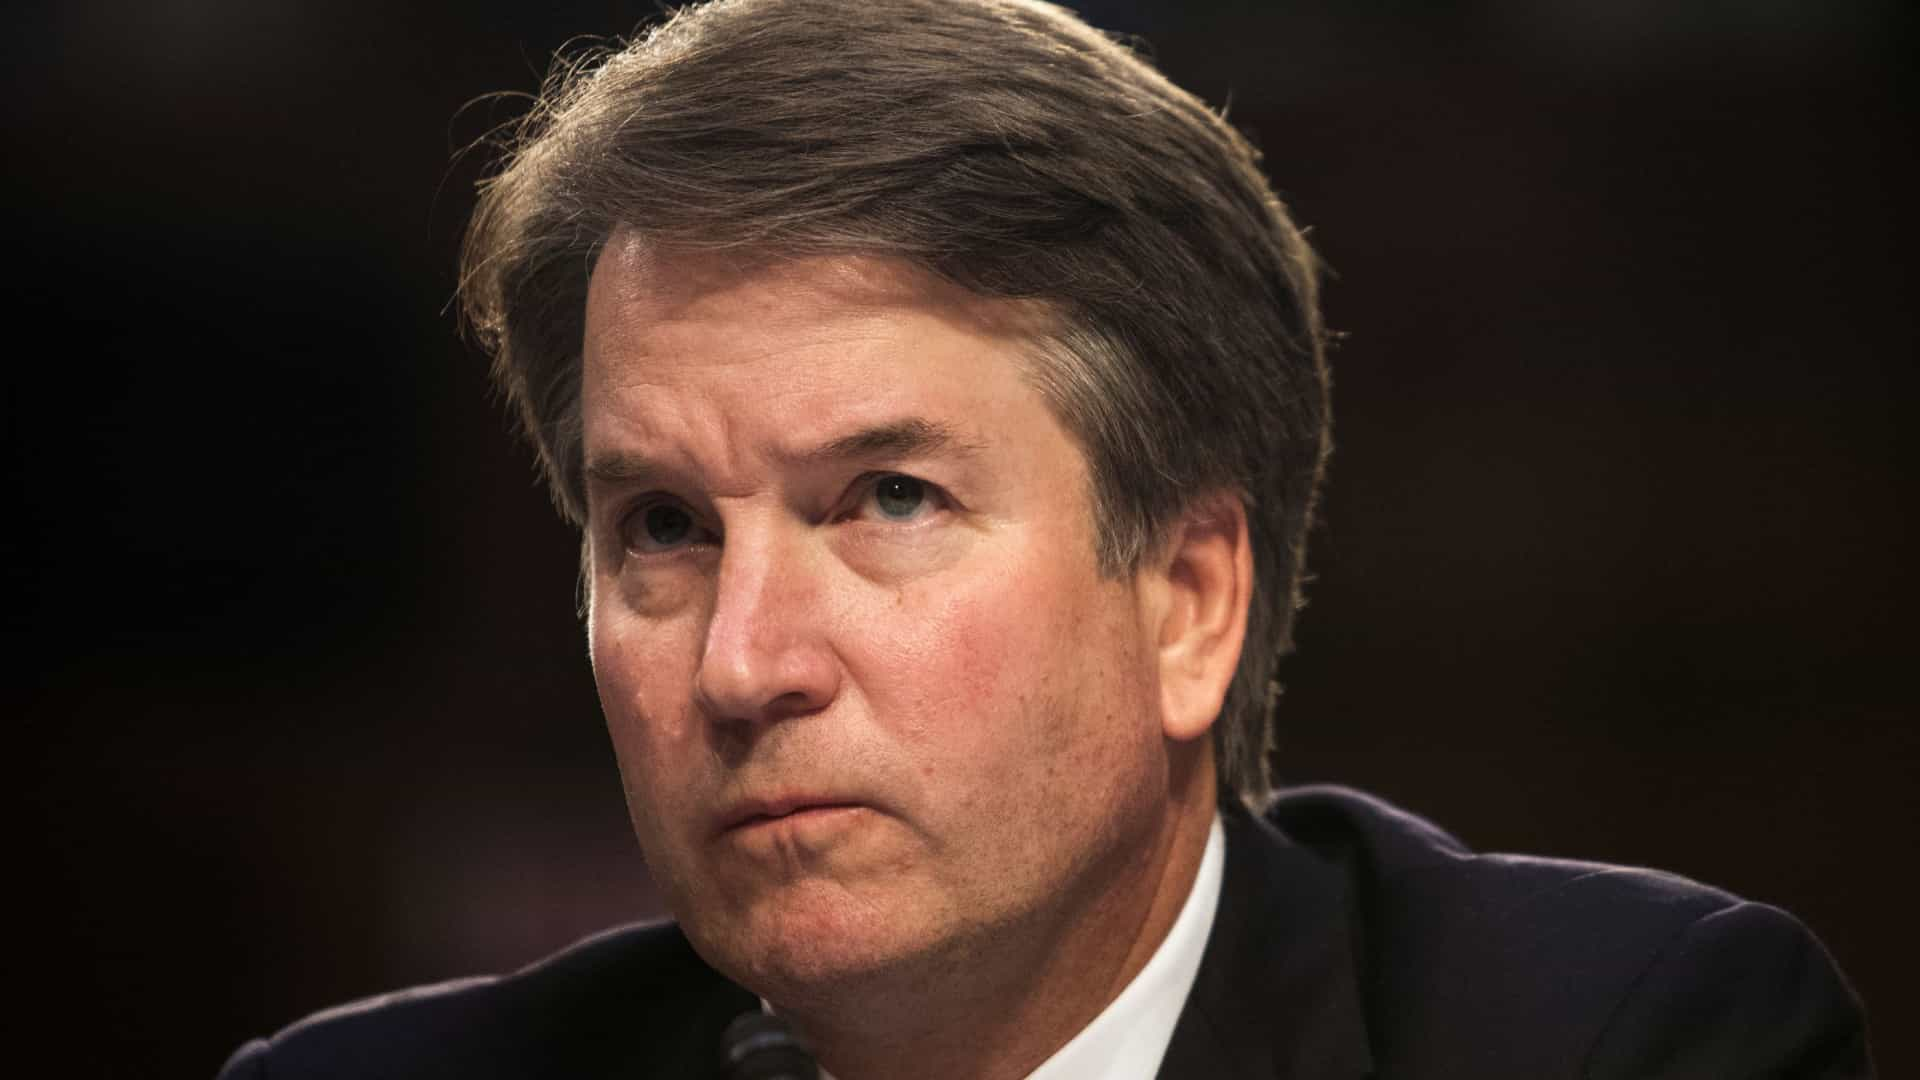 Votação preliminar confirma Brett Kavanaugh para juiz do Supremo Tribunal